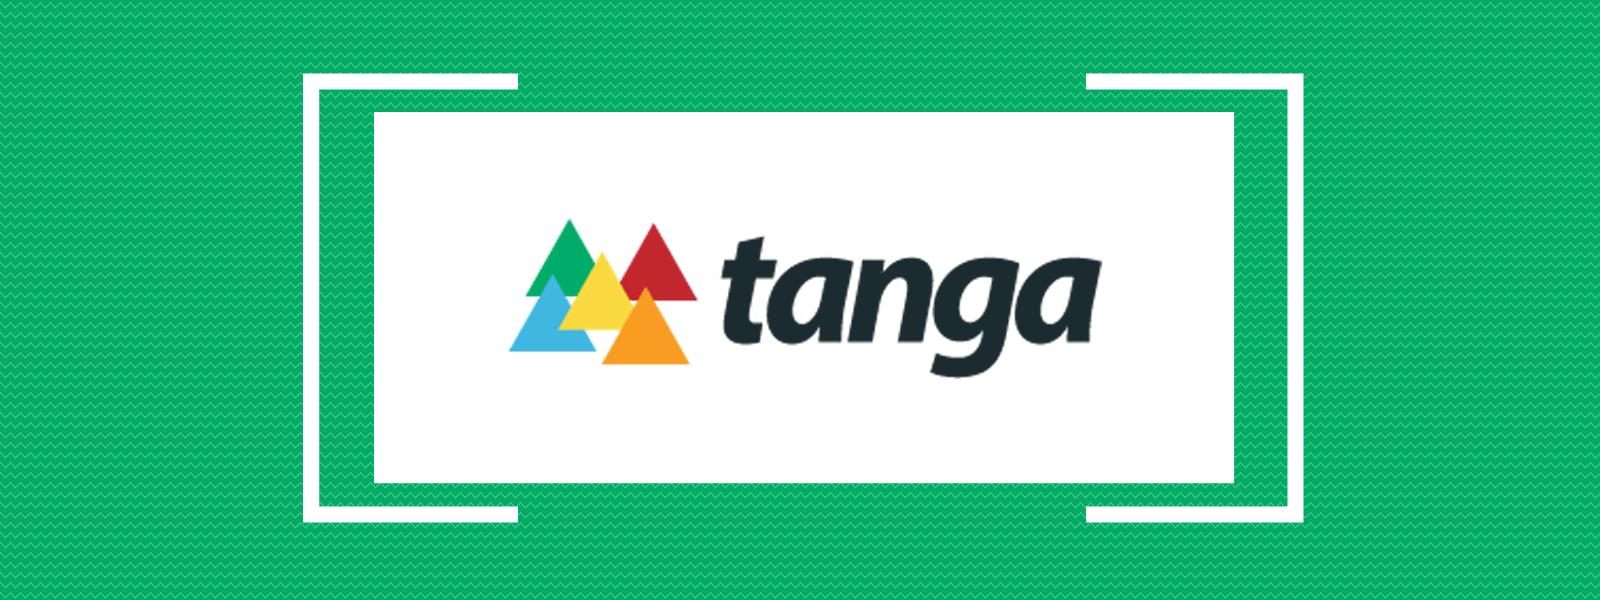 tanga integration